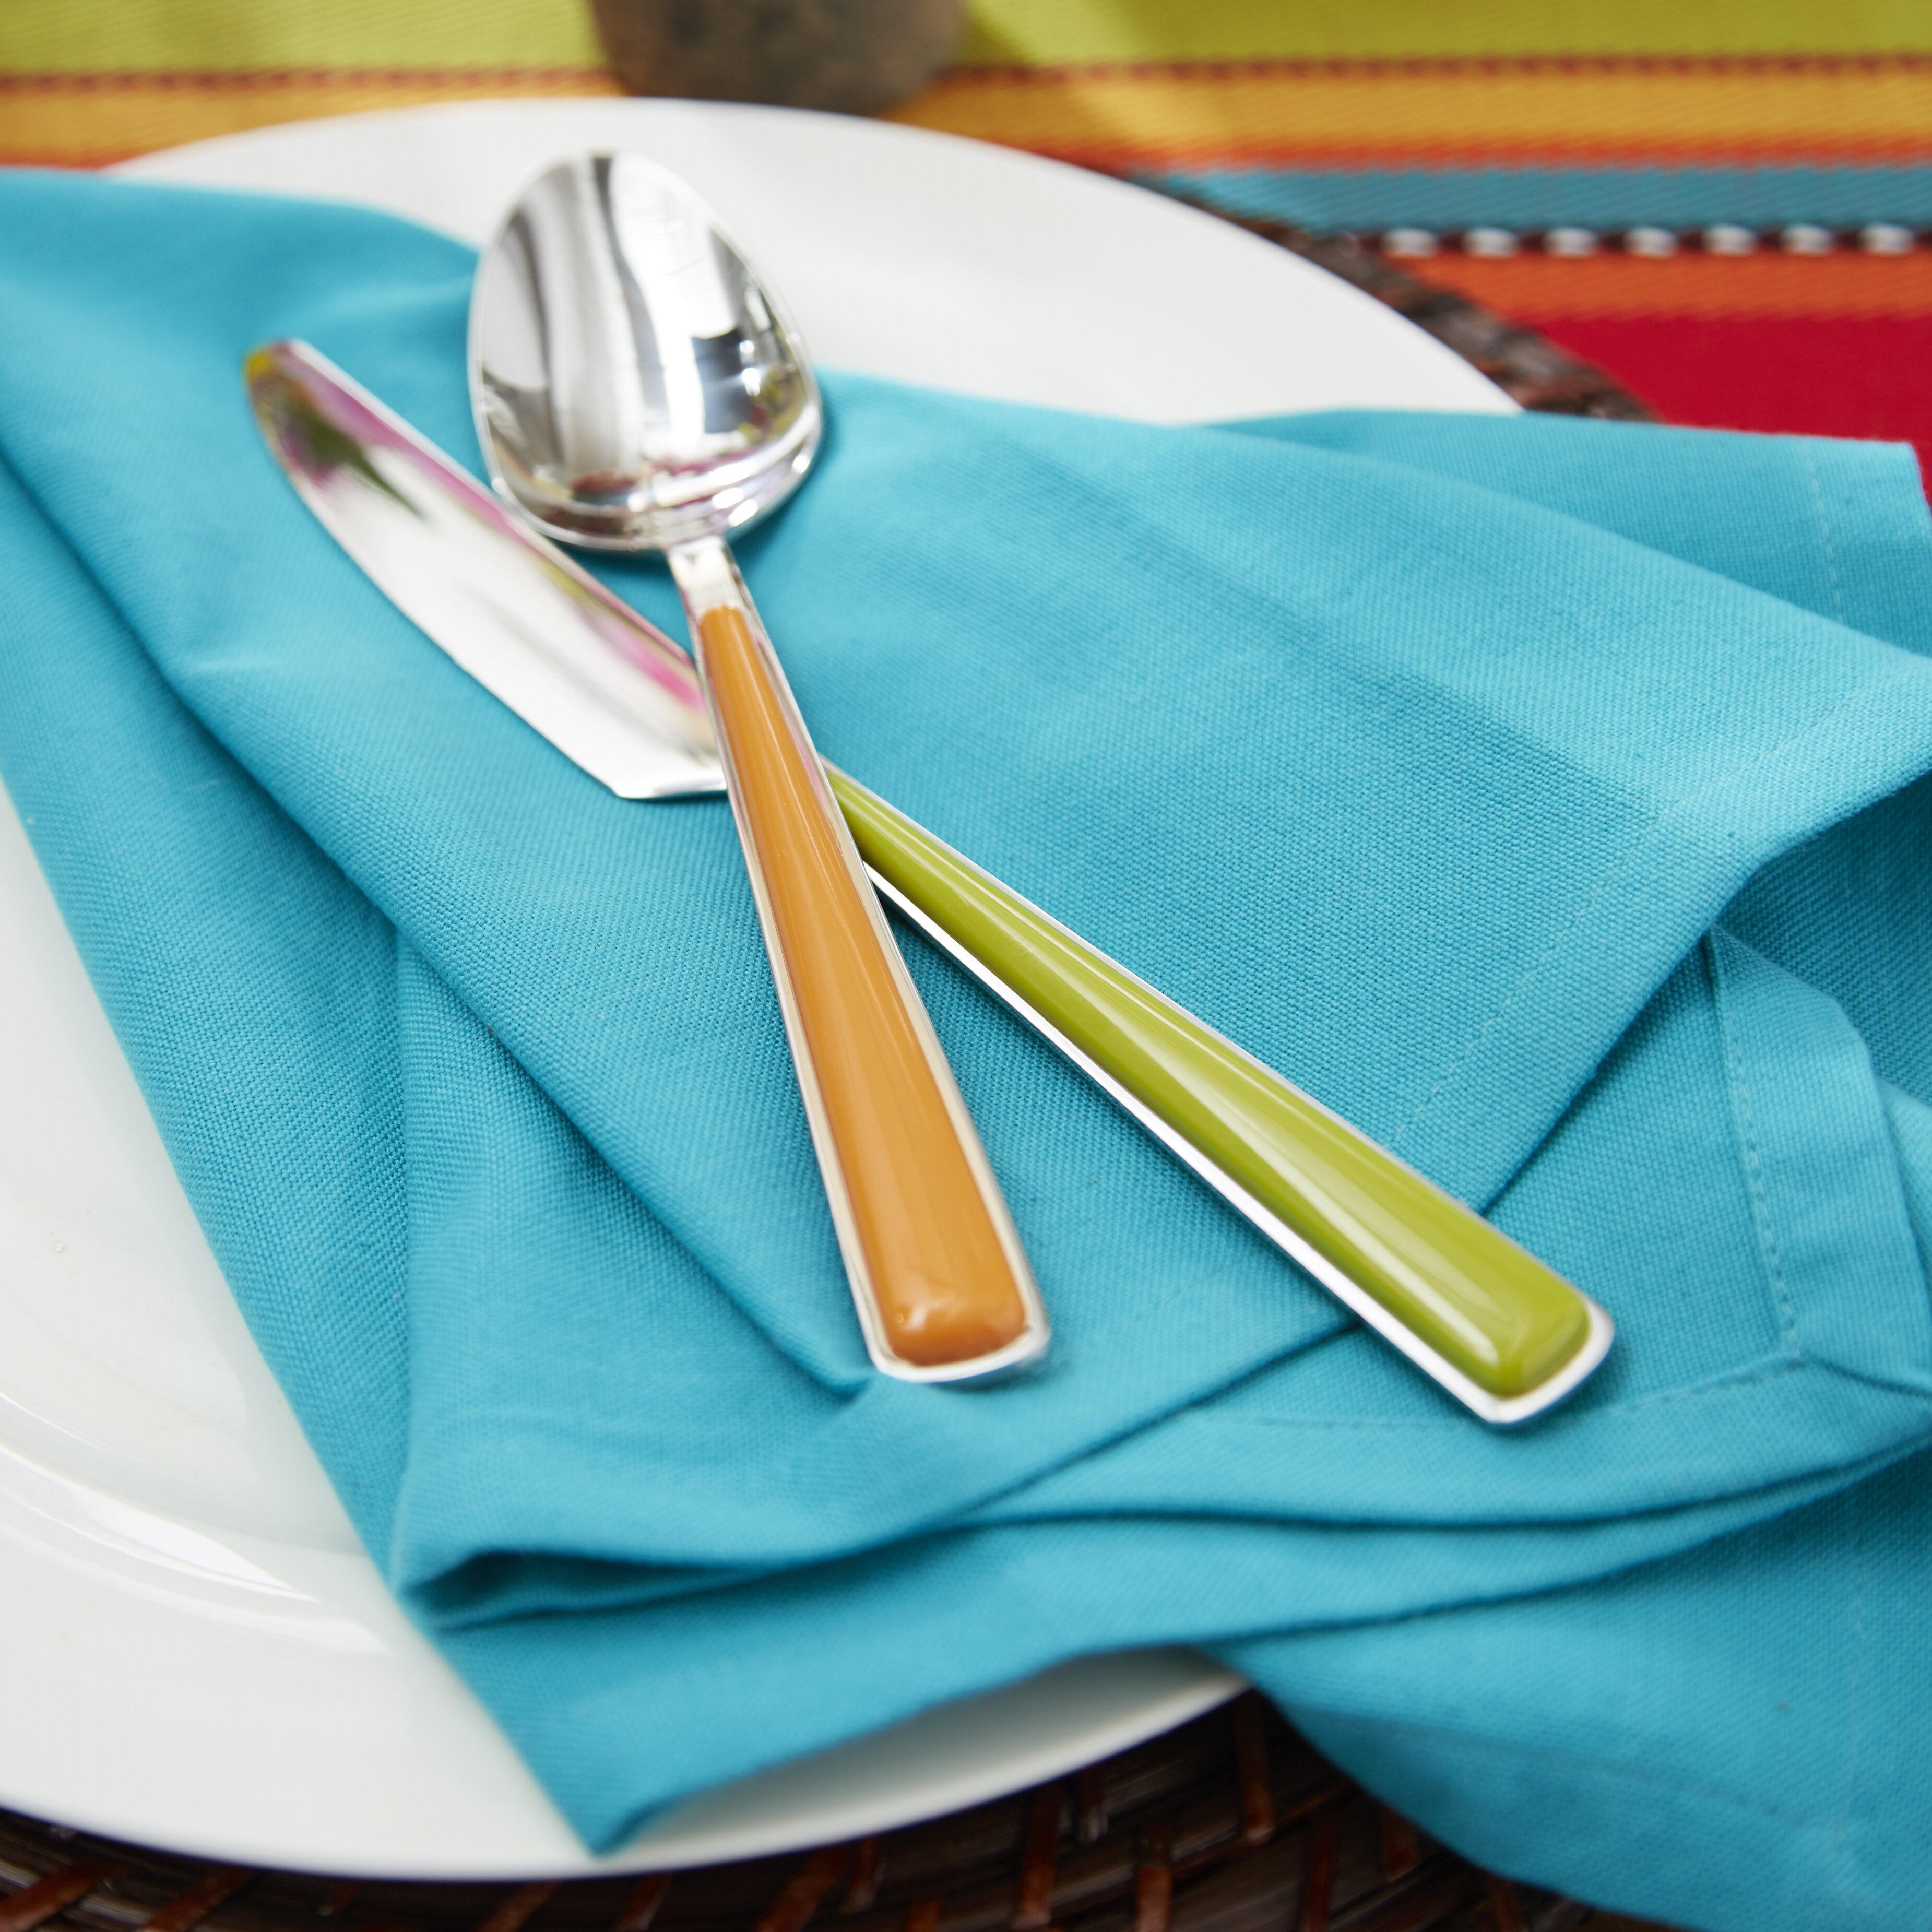 Merengue Fiesta 13 Piece Cutlery Set with Block